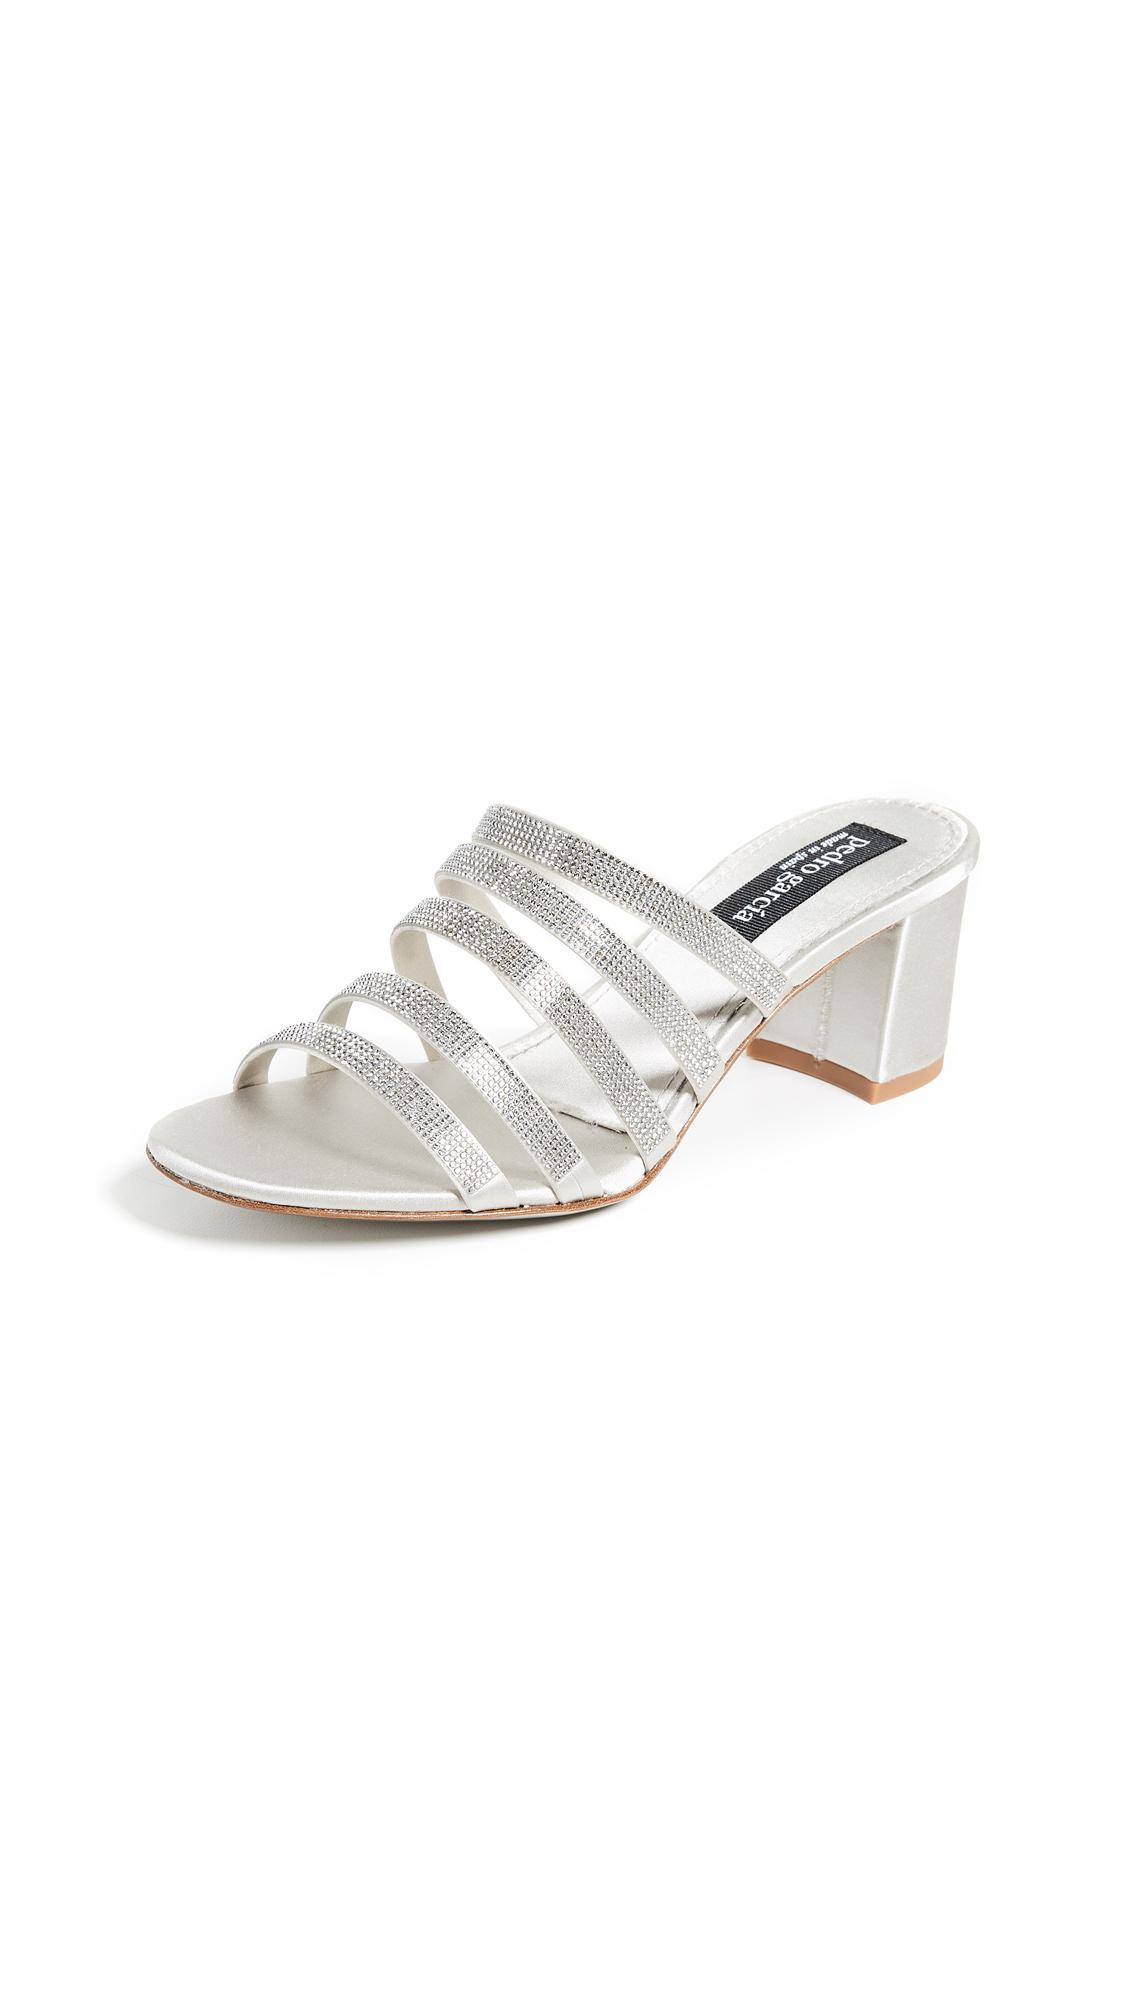 Pedro Garcia Xaki Multi Strap Sandals - Platinum